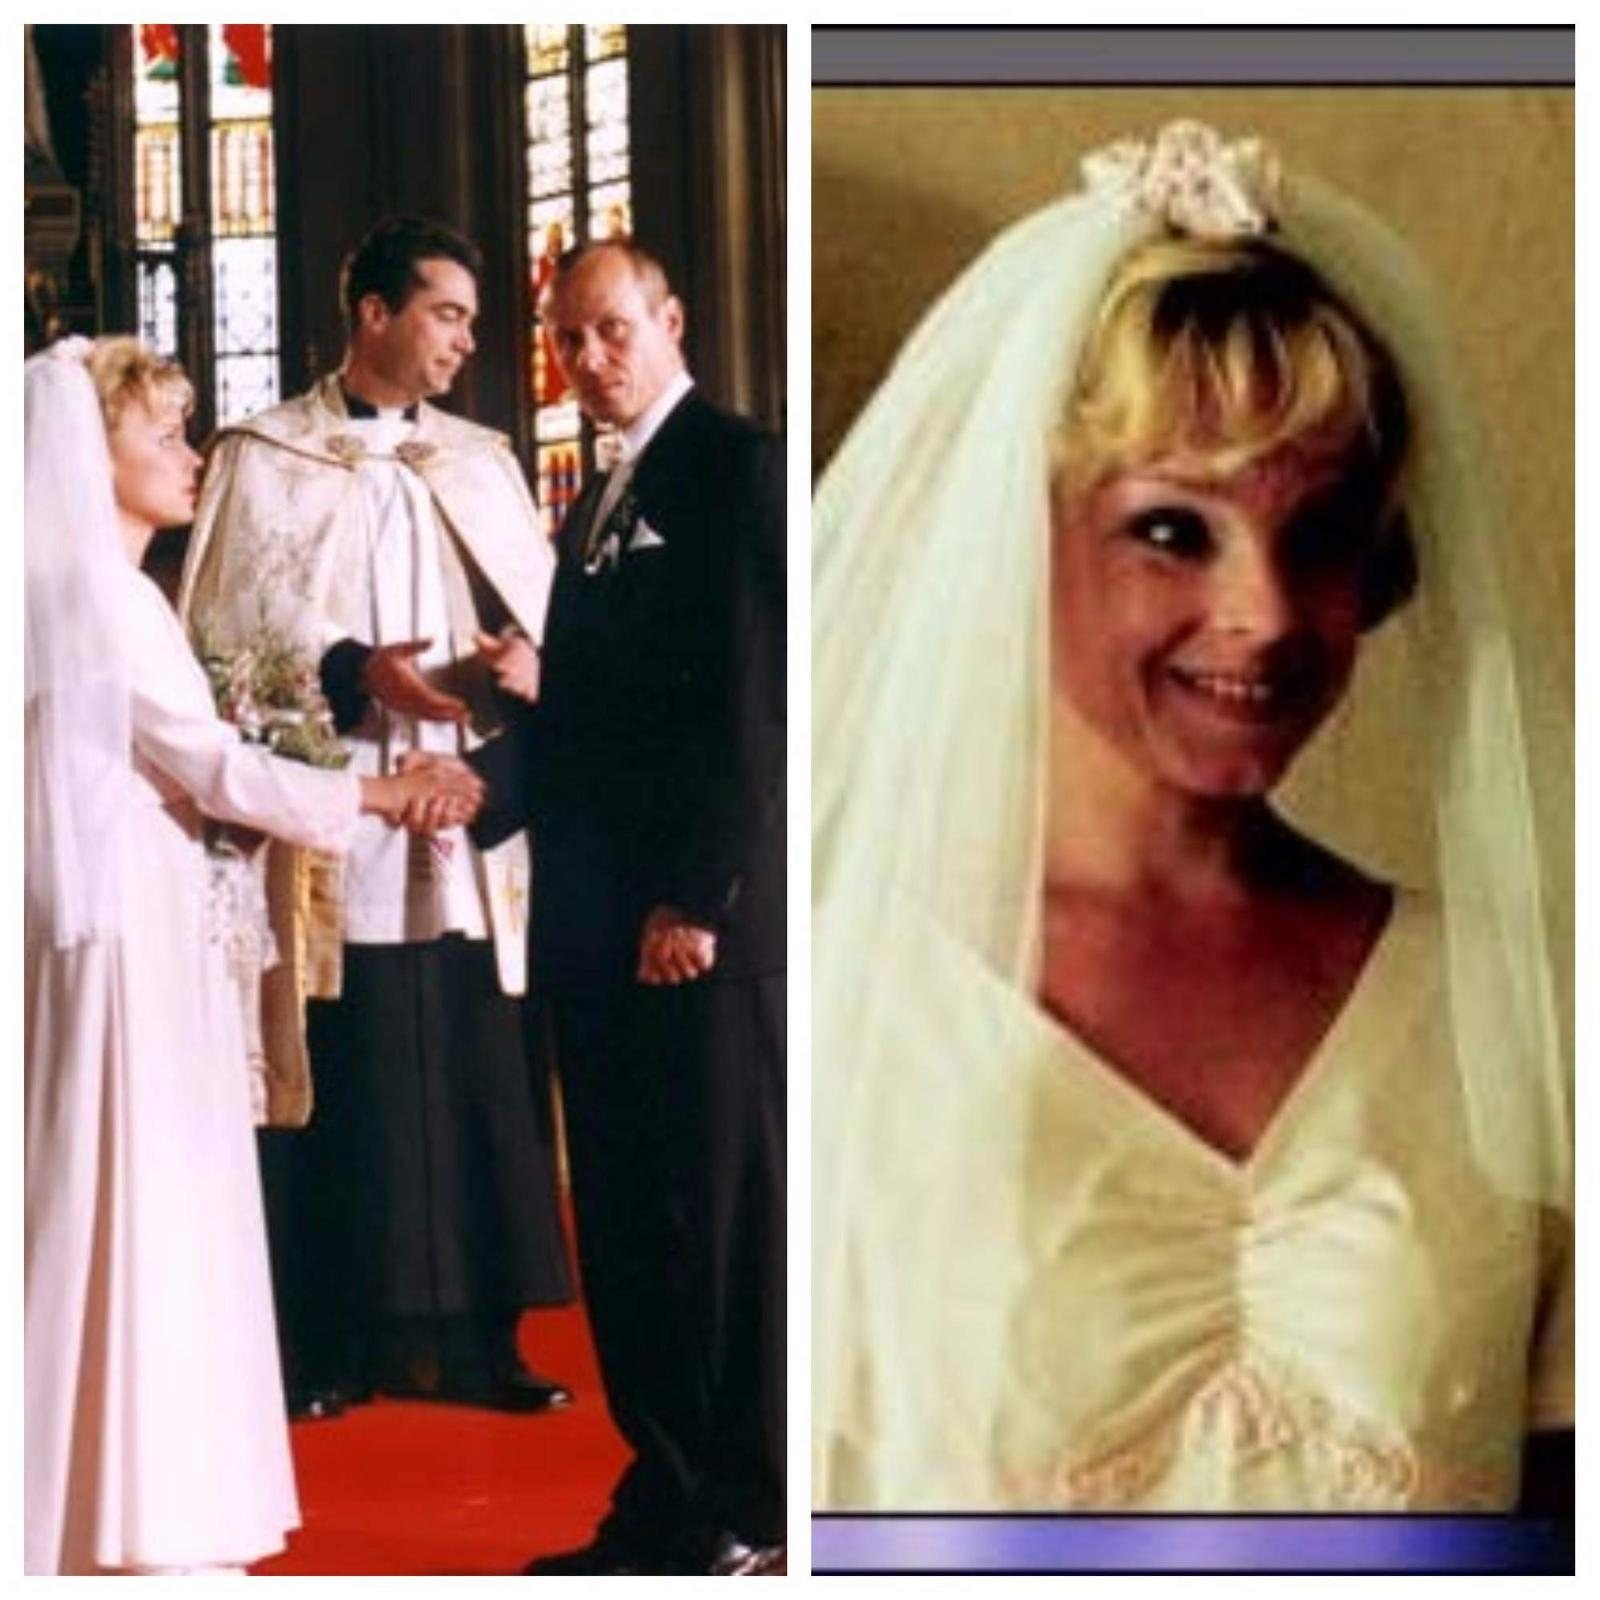 Svatby z filmů a seriálů - Oběti a vrazi